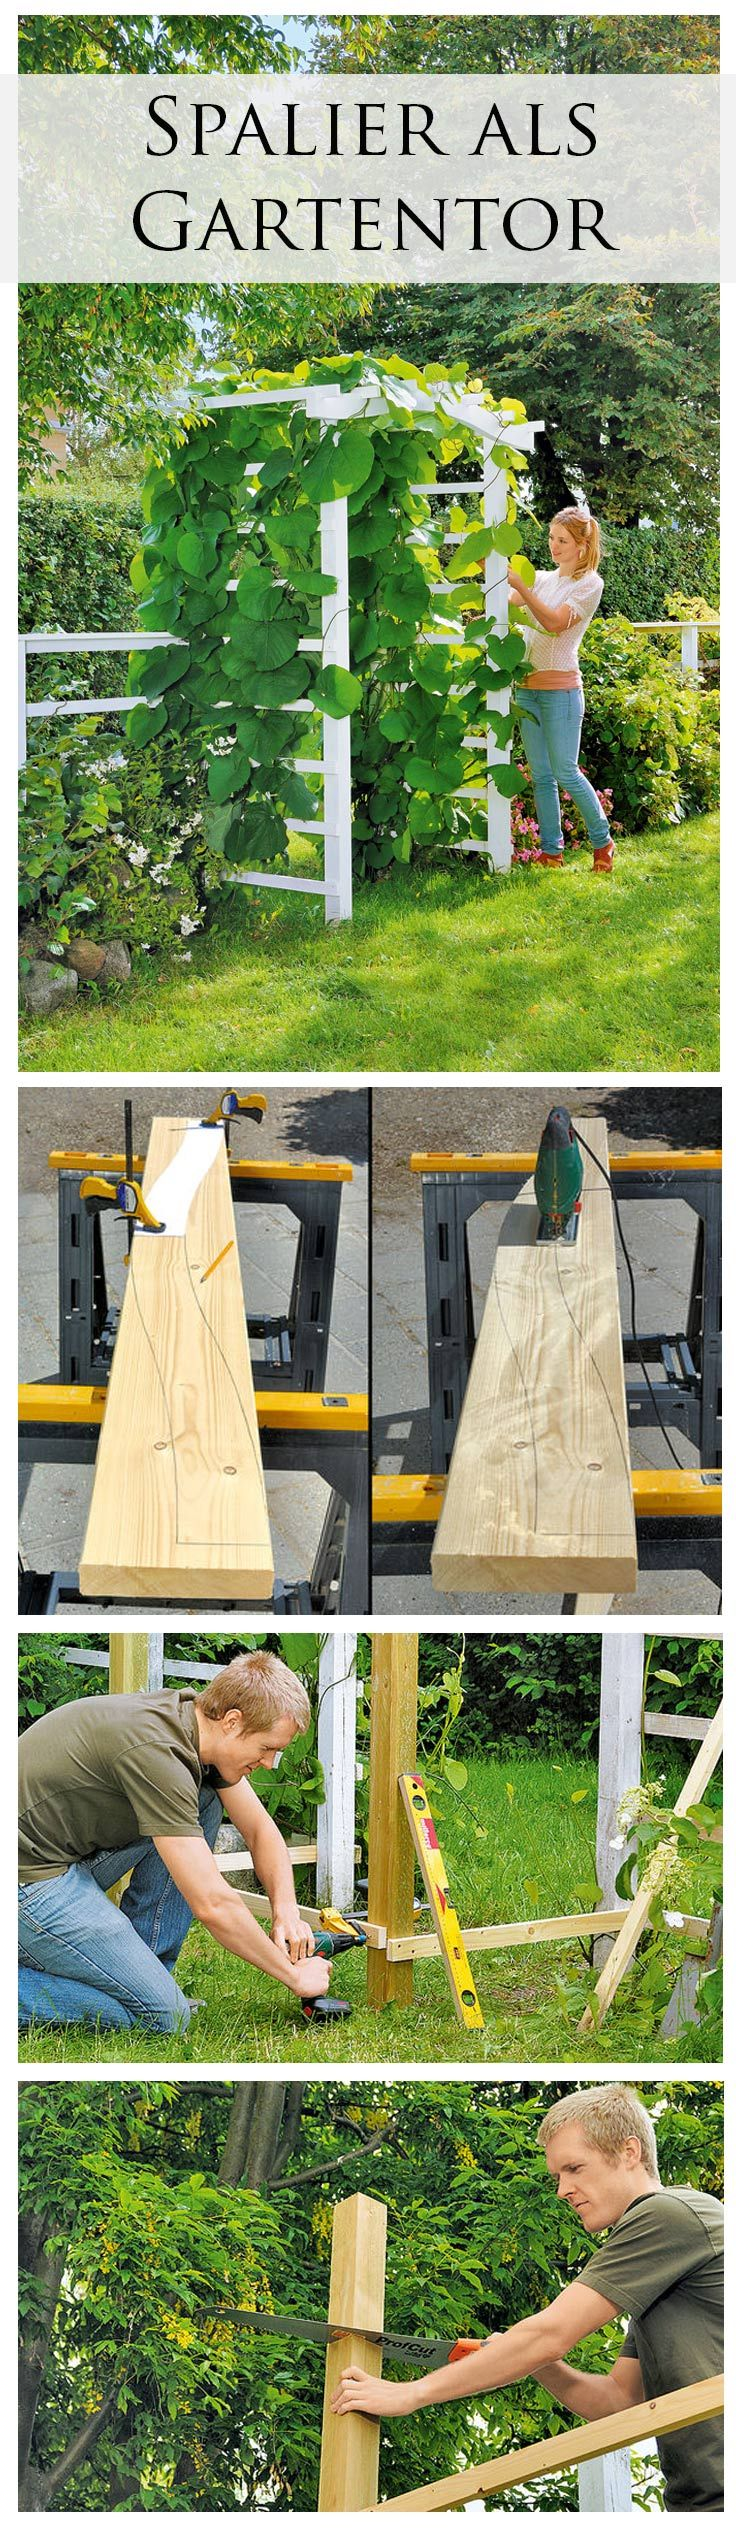 gartenpforte | pinterest | spalier, gartentore und selbst bauen